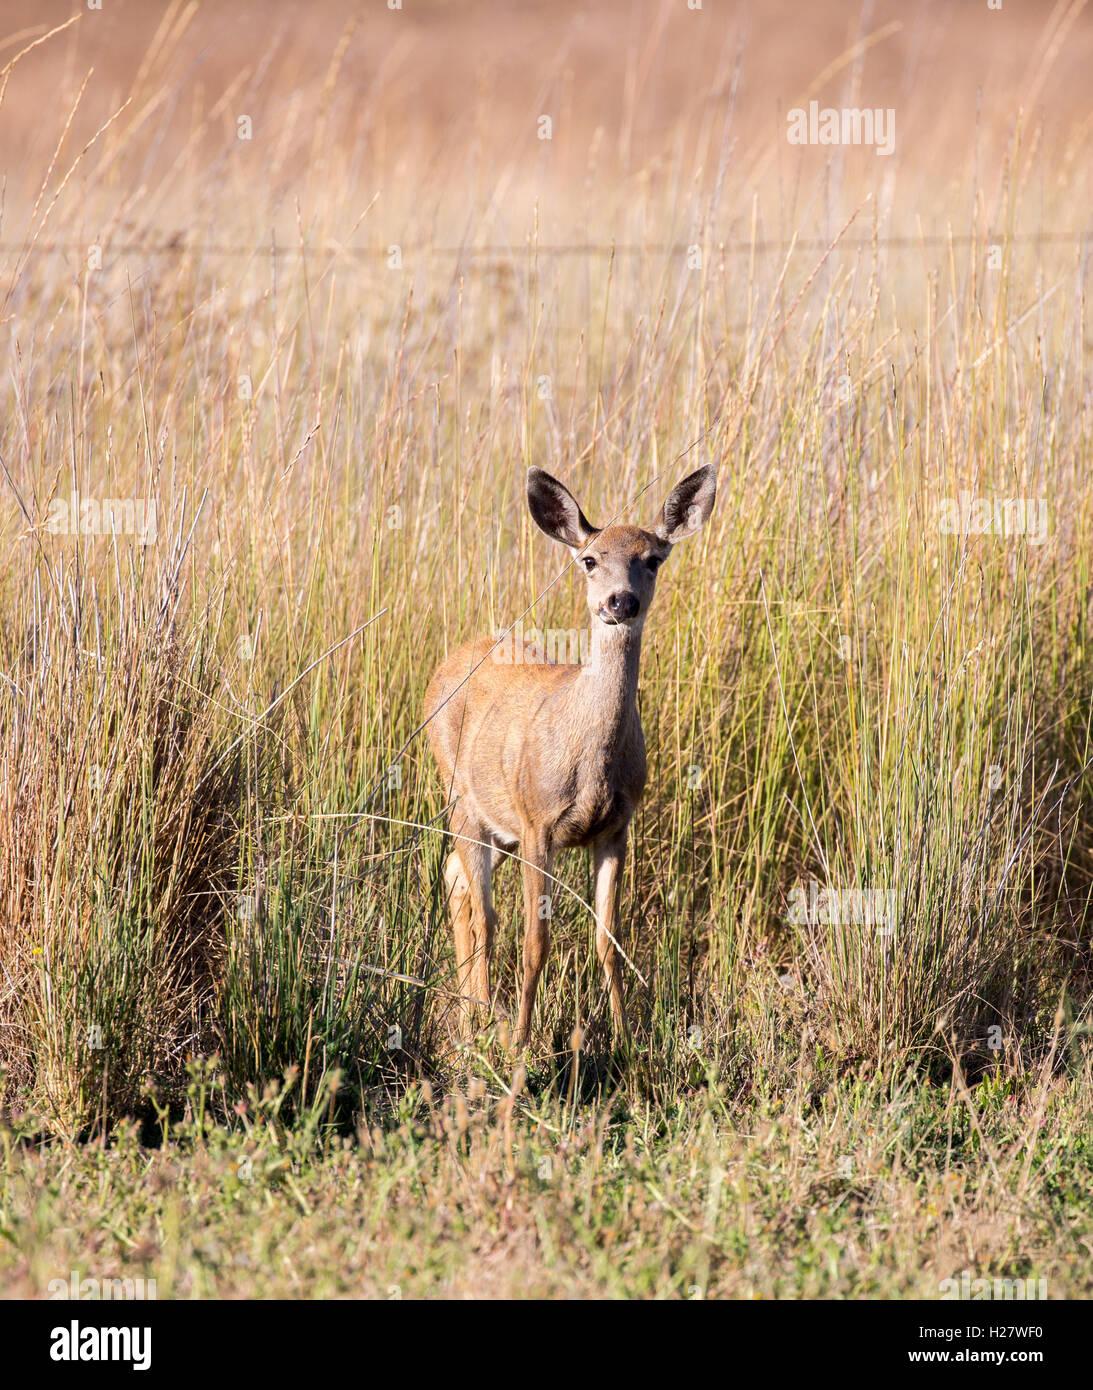 Blacktail Deer Antlers Stock Photos Blacktail Deer Antlers Stock-8608